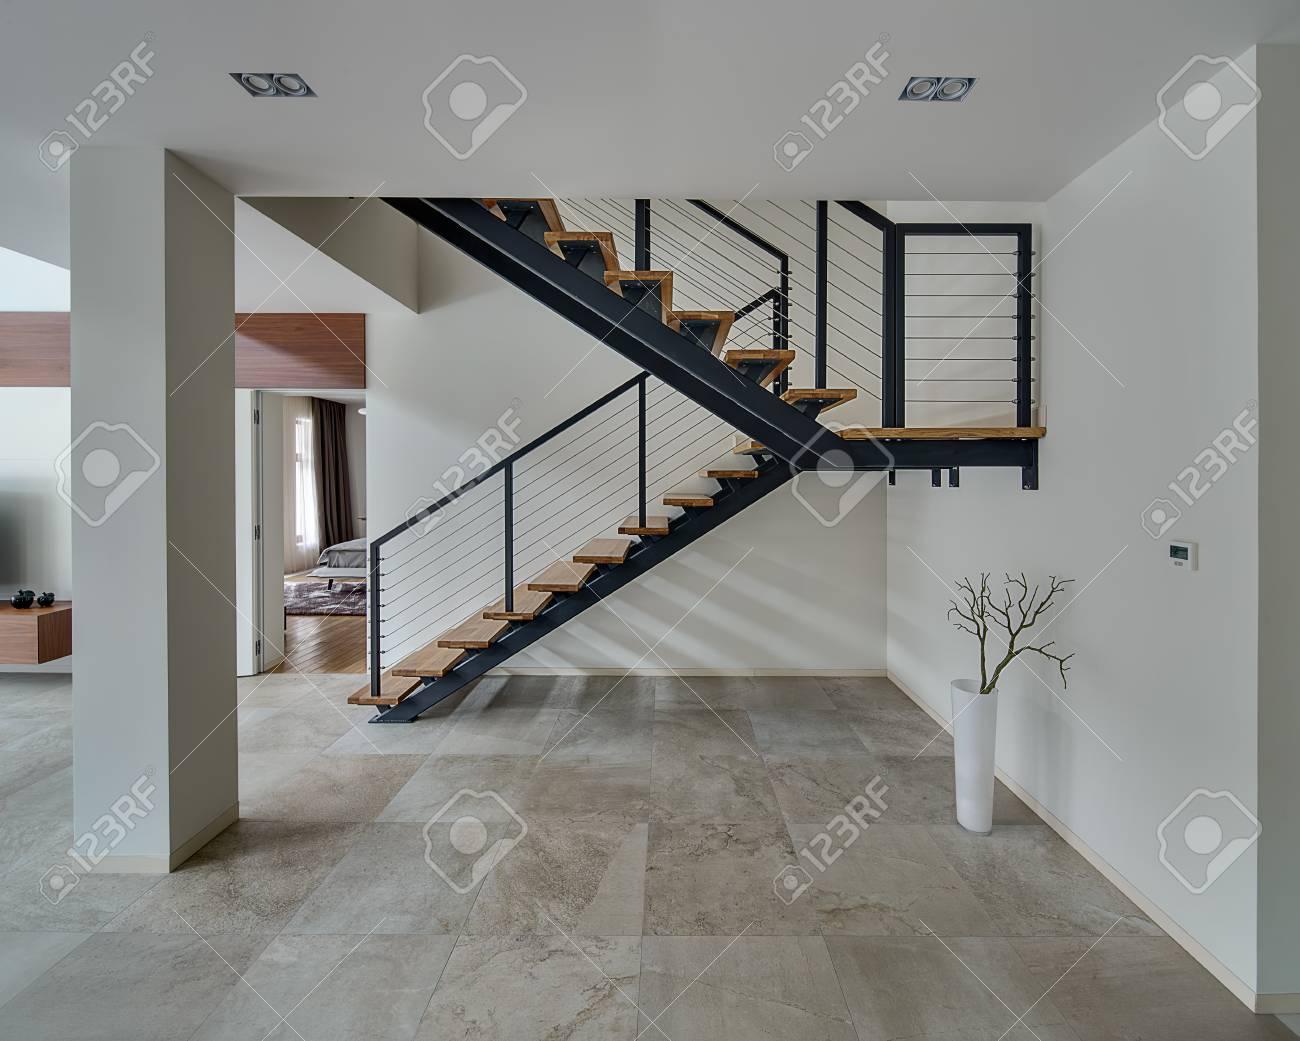 Sala chiaro con pareti chiare e piastrelle di luce sul pavimento